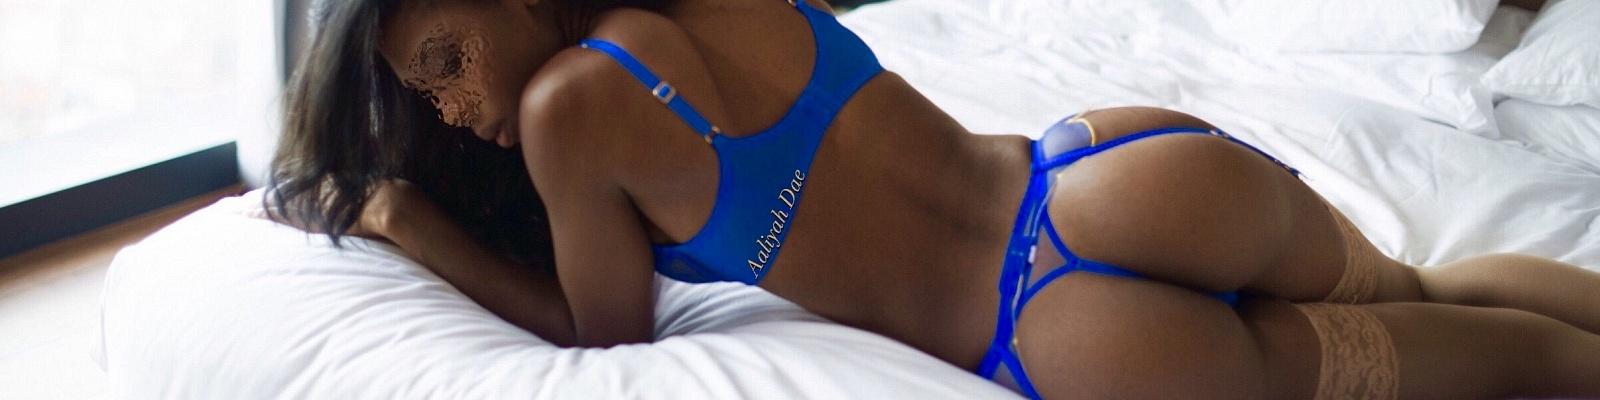 Aaliyah Dae's Cover Photo